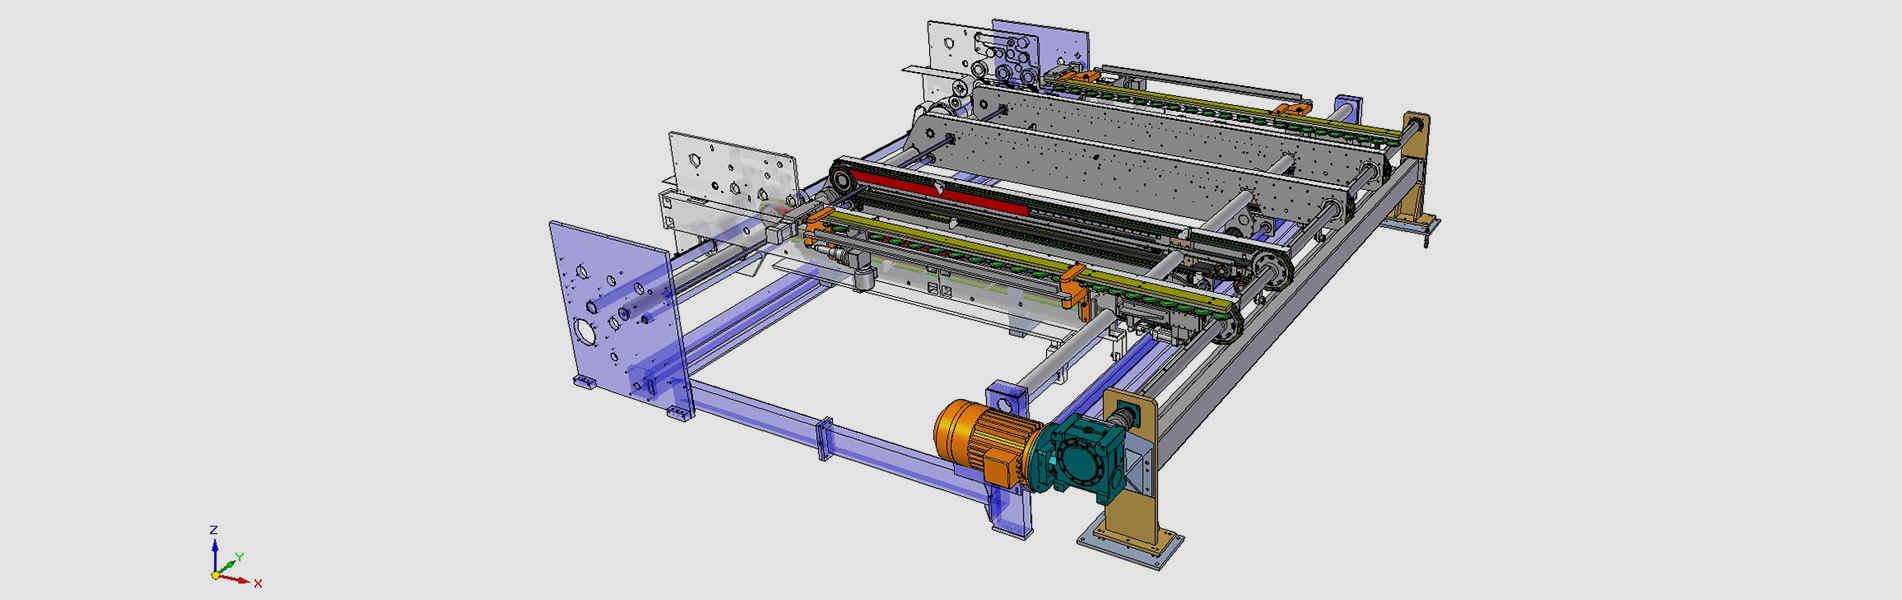 Acorsys desarrolla máquinaria a medida para el sector del cartón